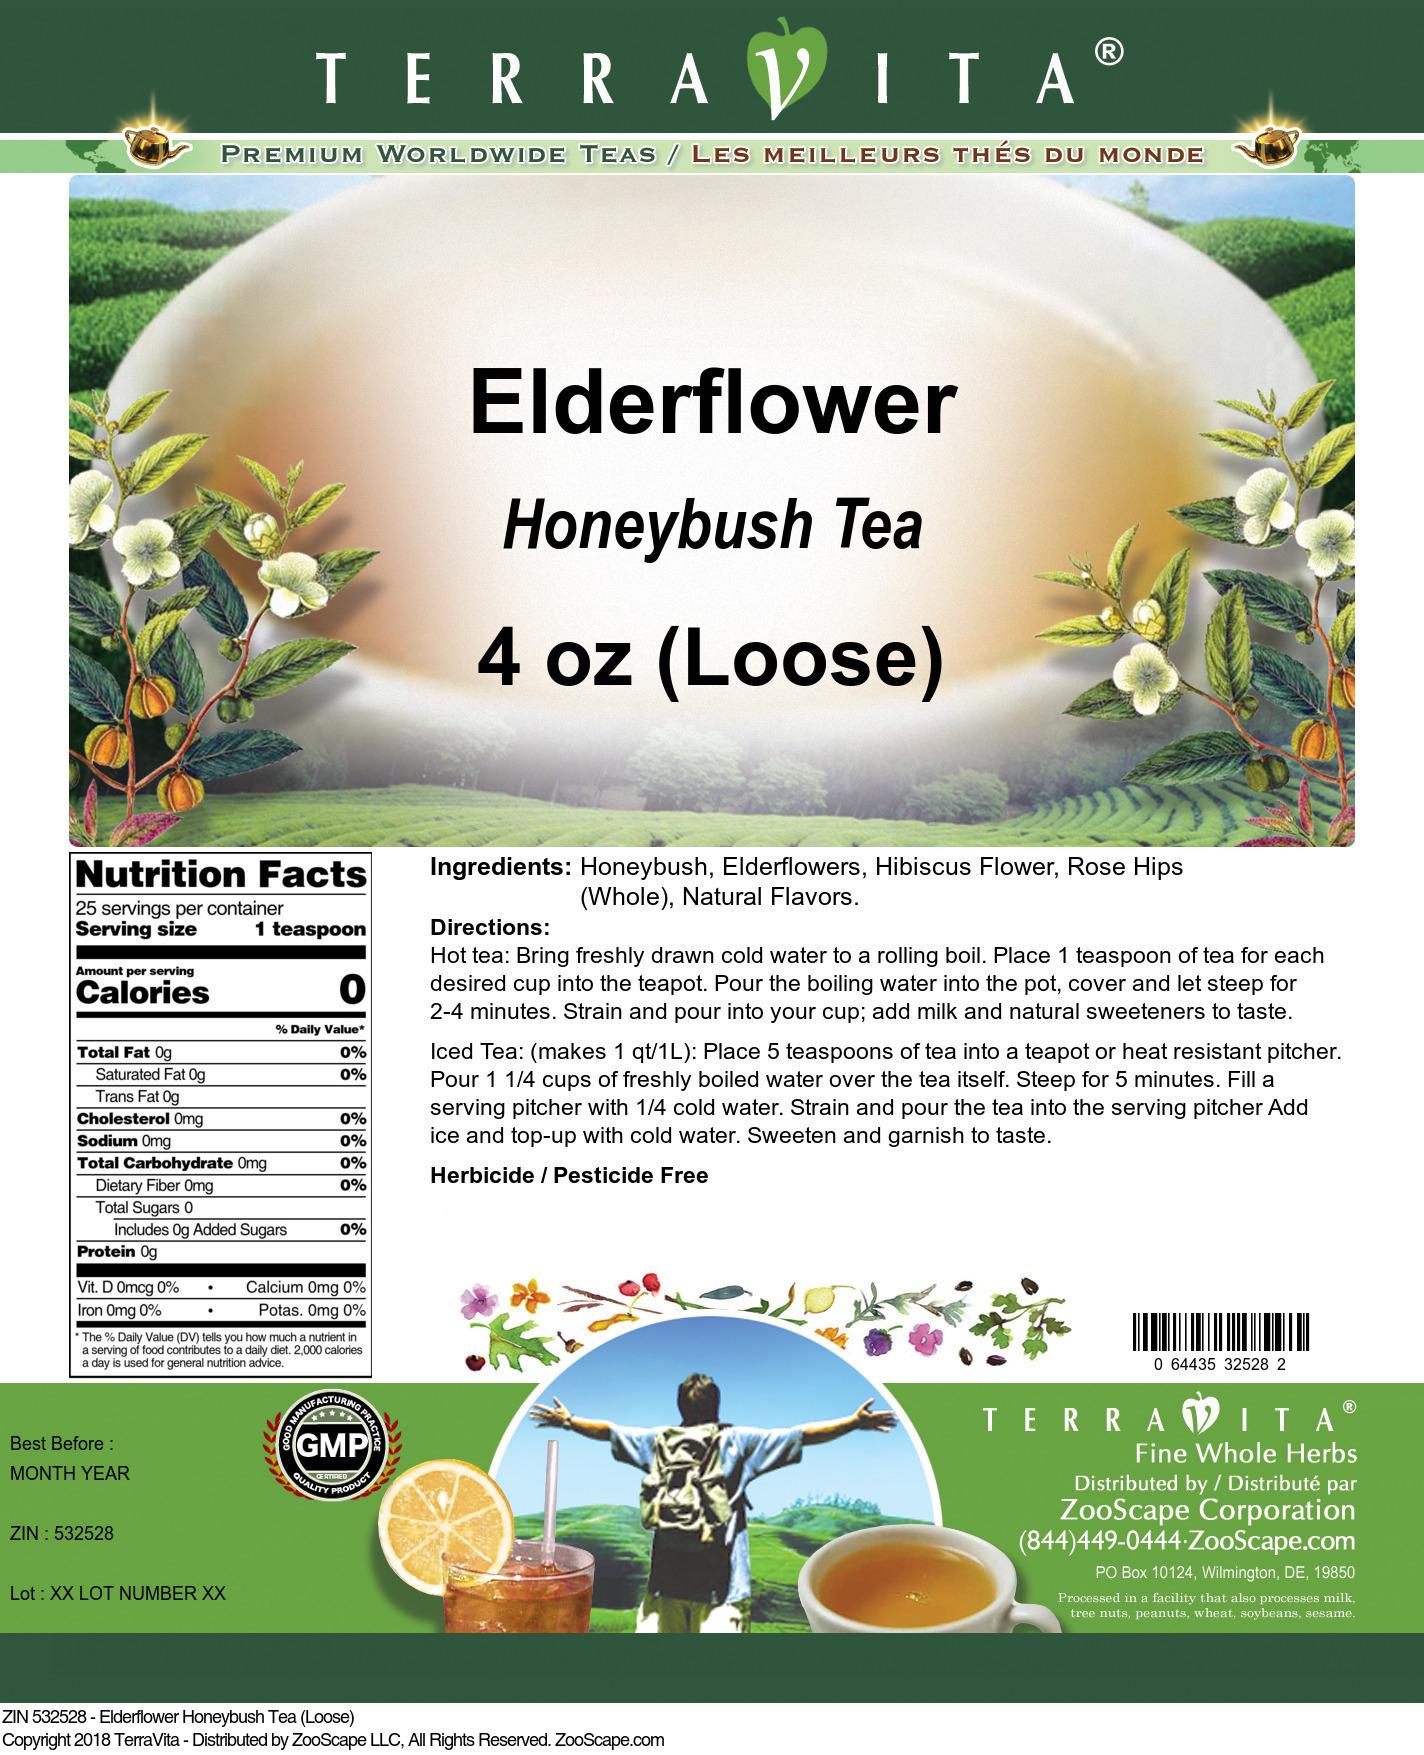 Elderflower Honeybush Tea